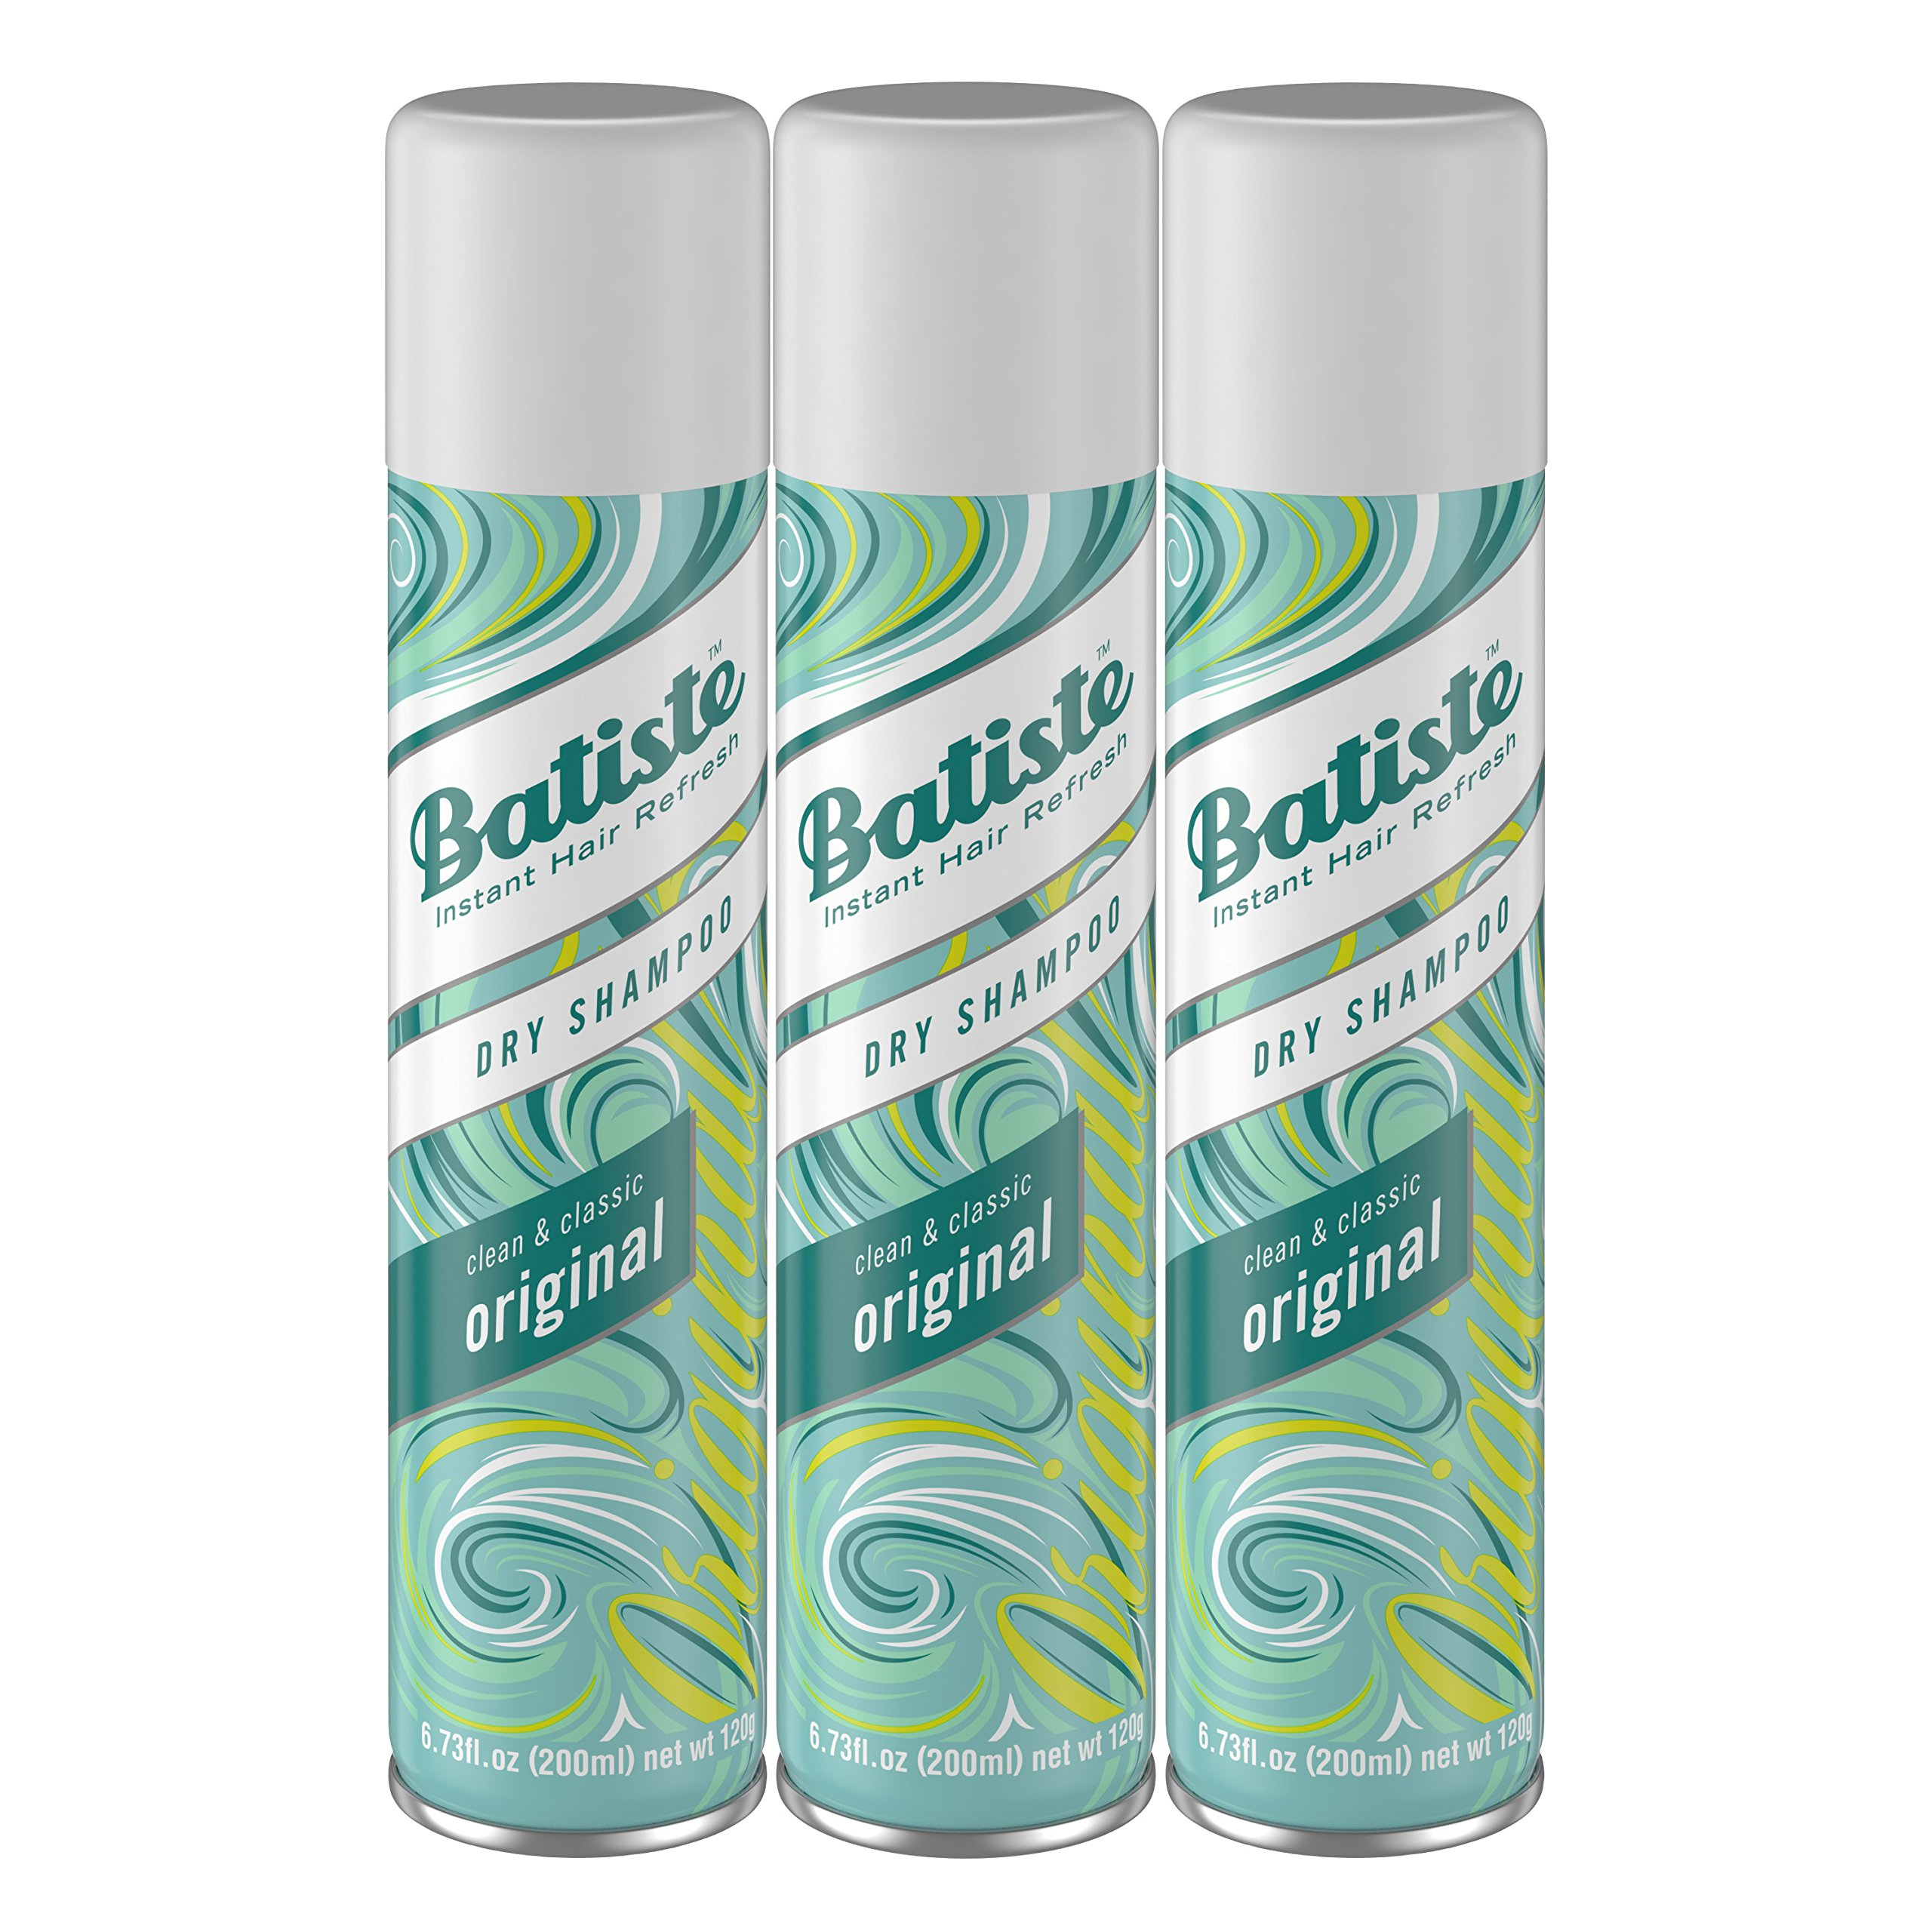 Batiste Dry Shampoo, Original Fragrance, 6.73 Fl Oz,Pack of 3 by Batiste